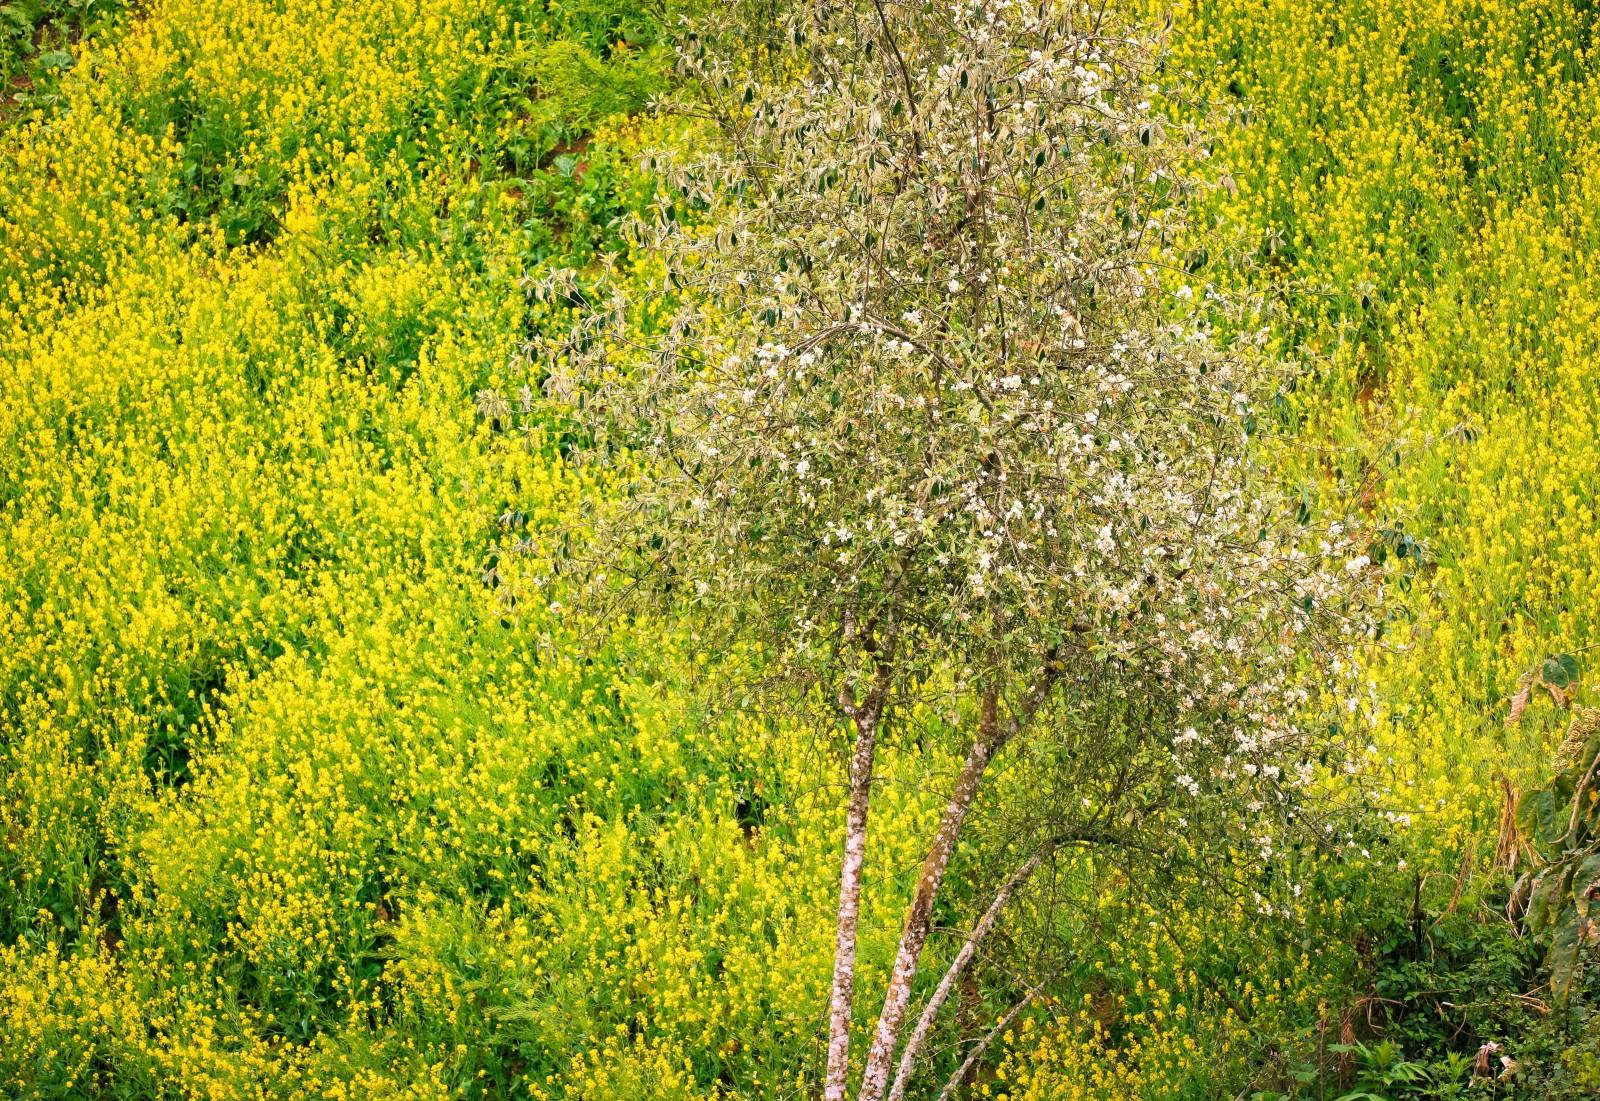 … và cũng là thời điểm những vườn cải vàng của bà con dân tộc Mông ở Xím Vàng nở hoa vàng rực, làm nền cho cây táo mèo đơm hoa trong vườn, tạo nên bức tranh đẹp đa sắc nơi miền sơn cước.